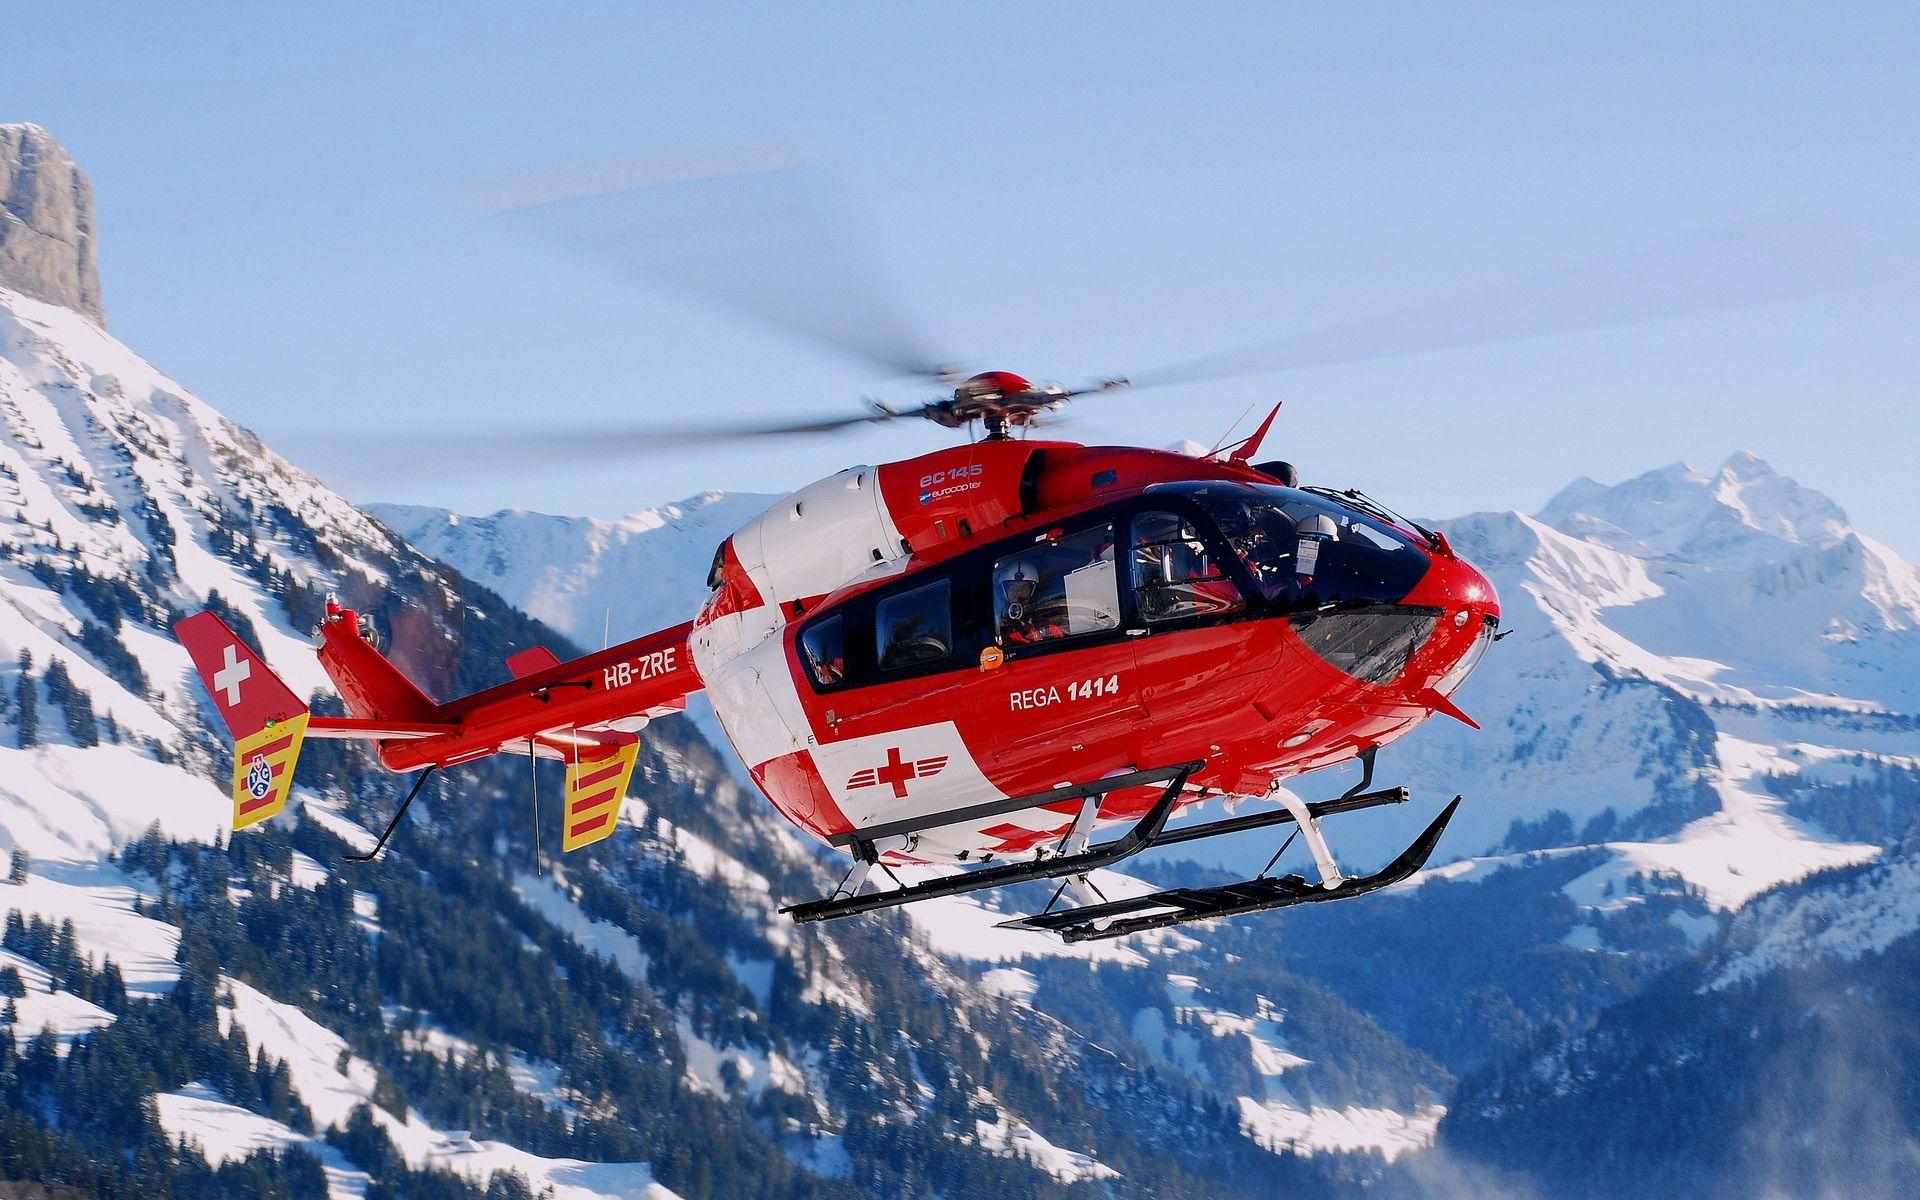 133699 Hintergrundbild herunterladen Sky, Mountains, Hubschrauber, Verschiedenes, Sonstige, Flug, Rettungshubschrauber - Bildschirmschoner und Bilder kostenlos